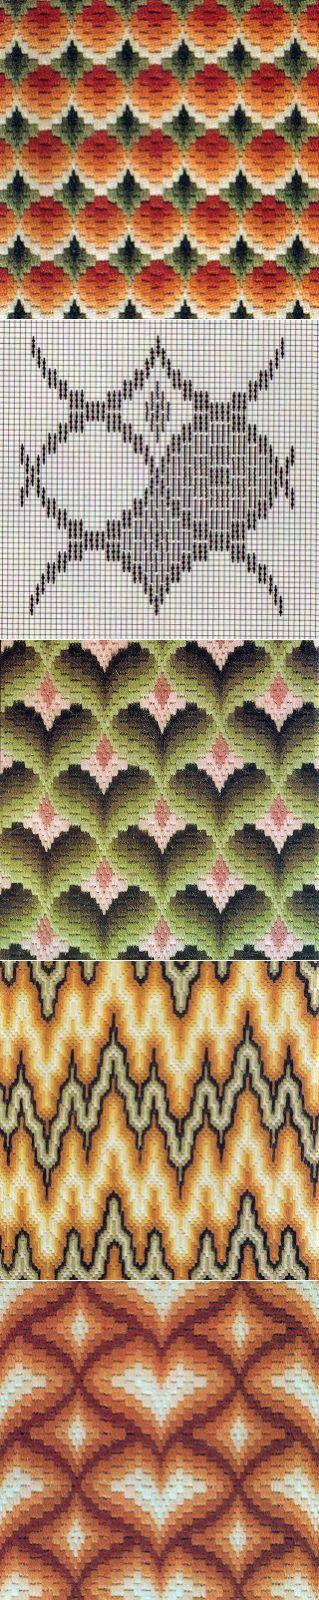 Вышивка барджелло: Коллекция схем